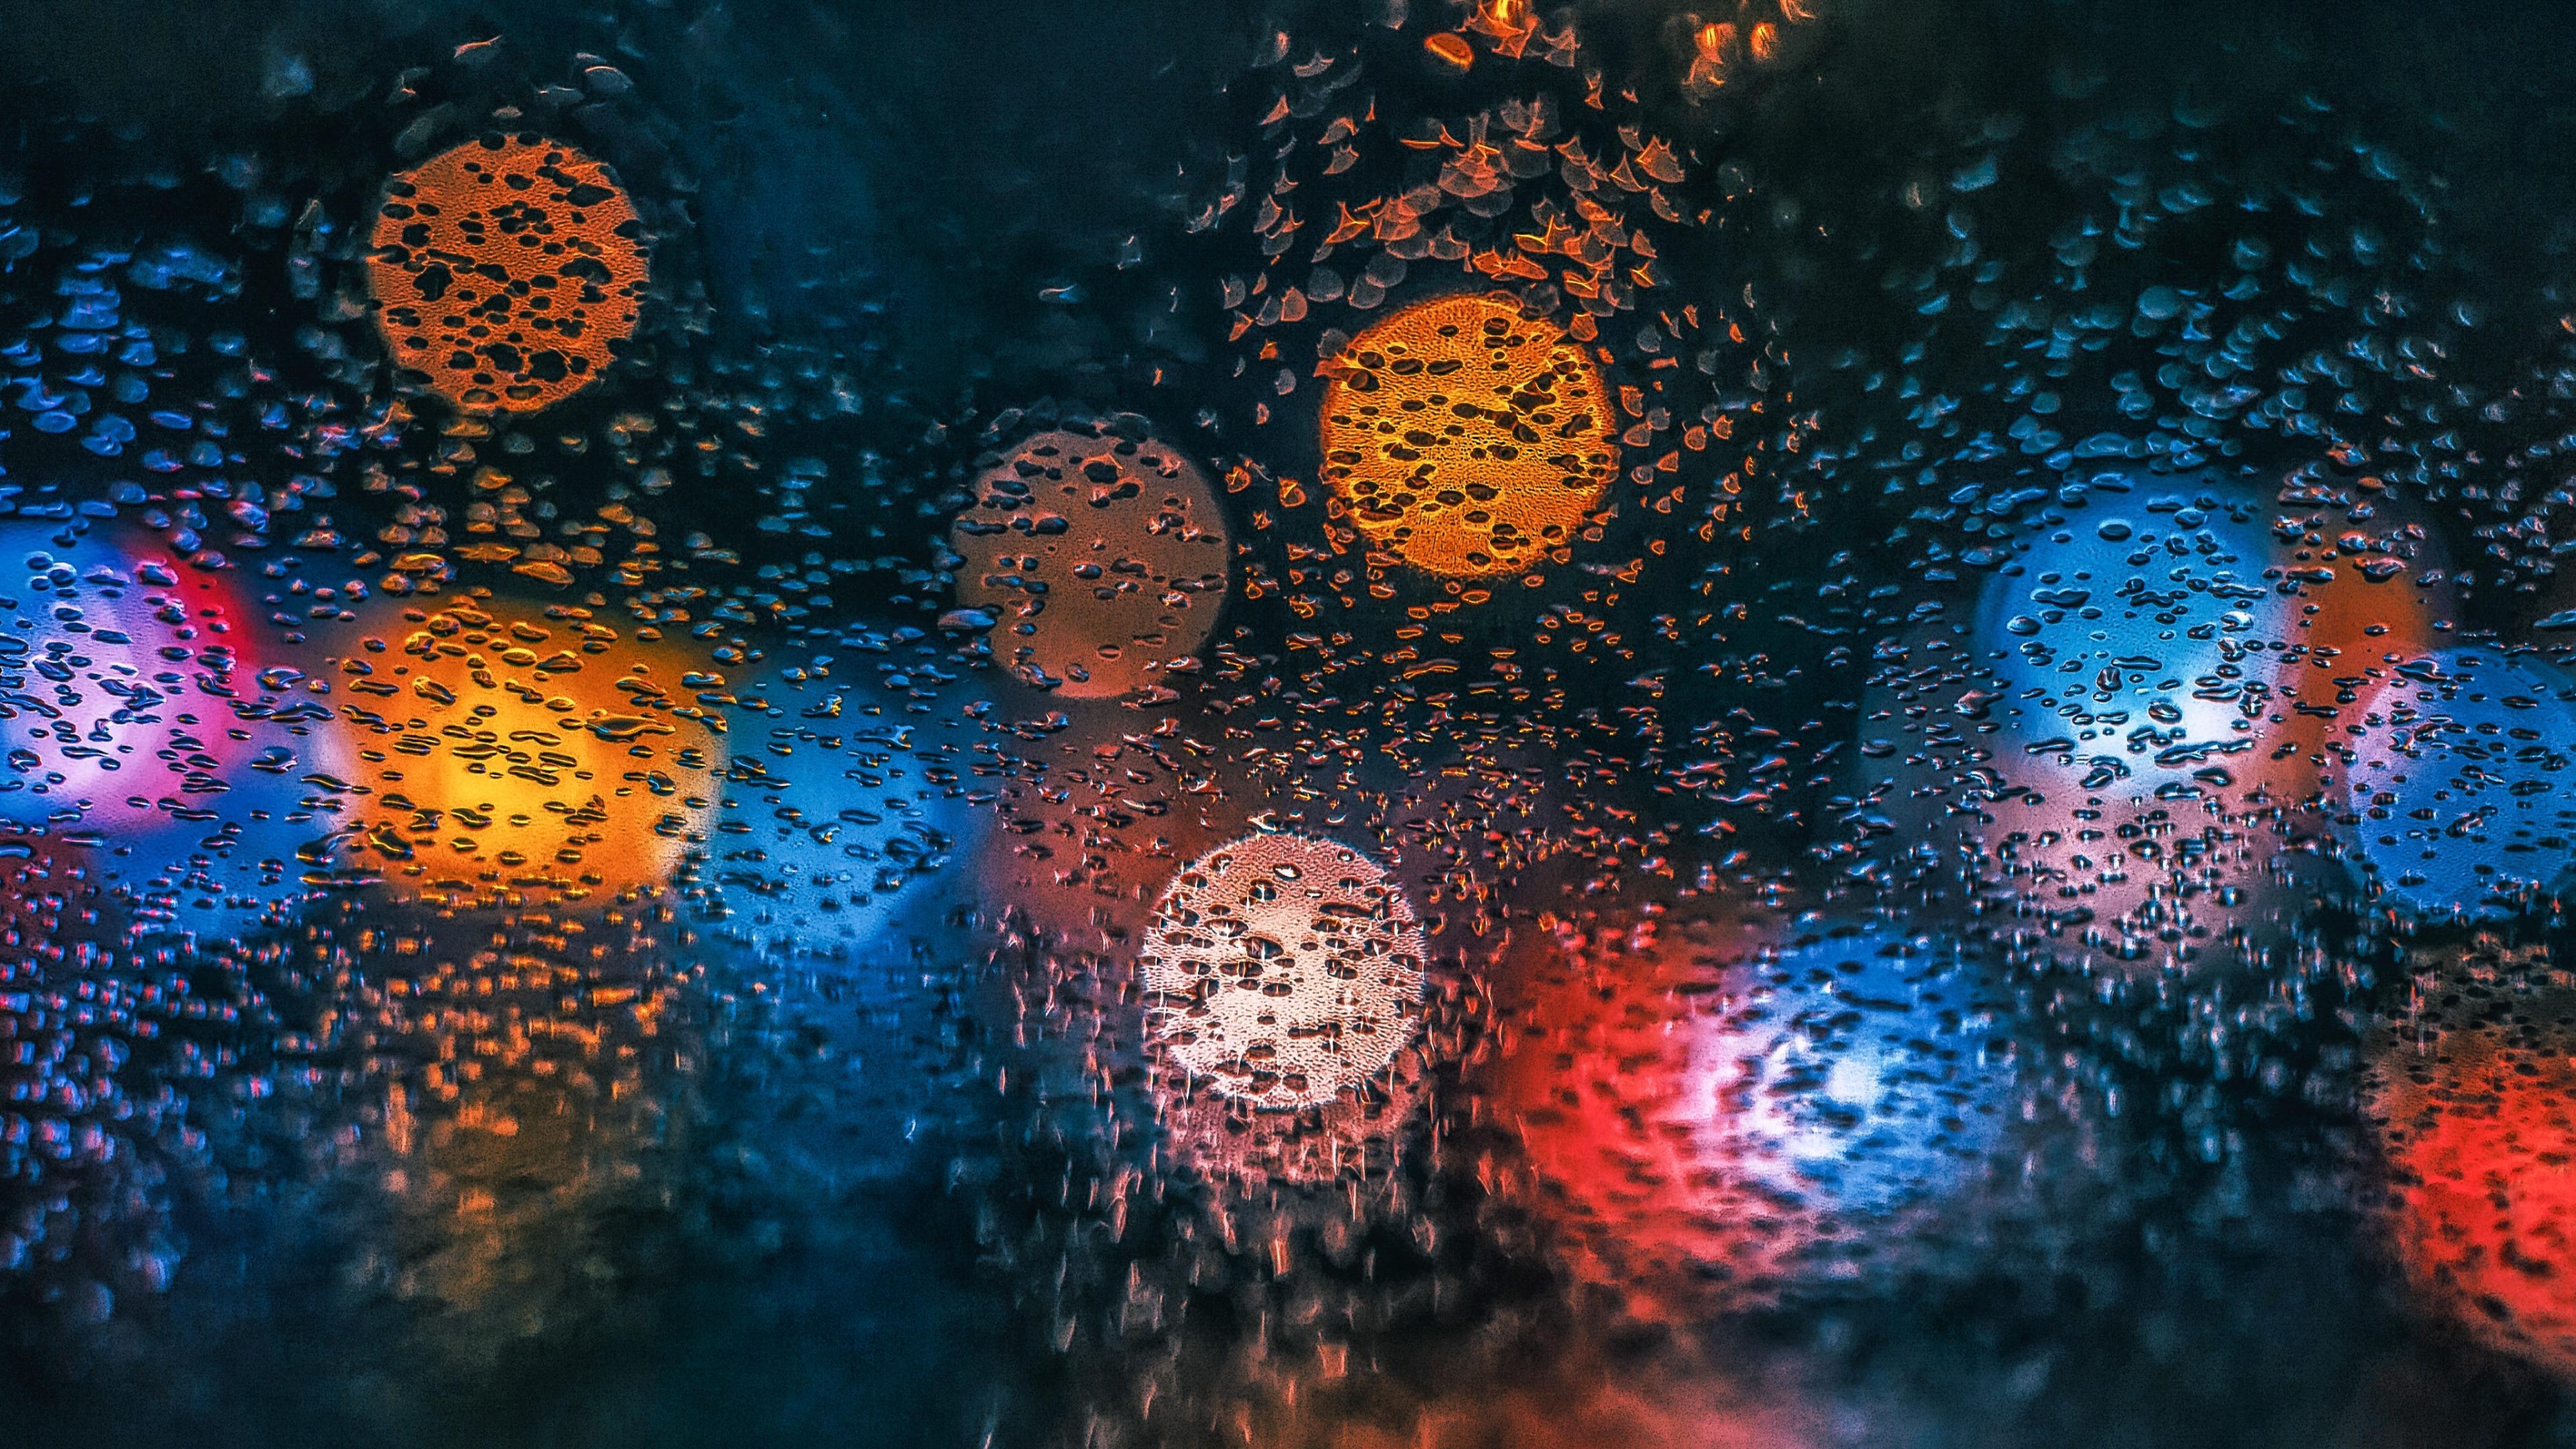 Car window waterdrops wallpaper